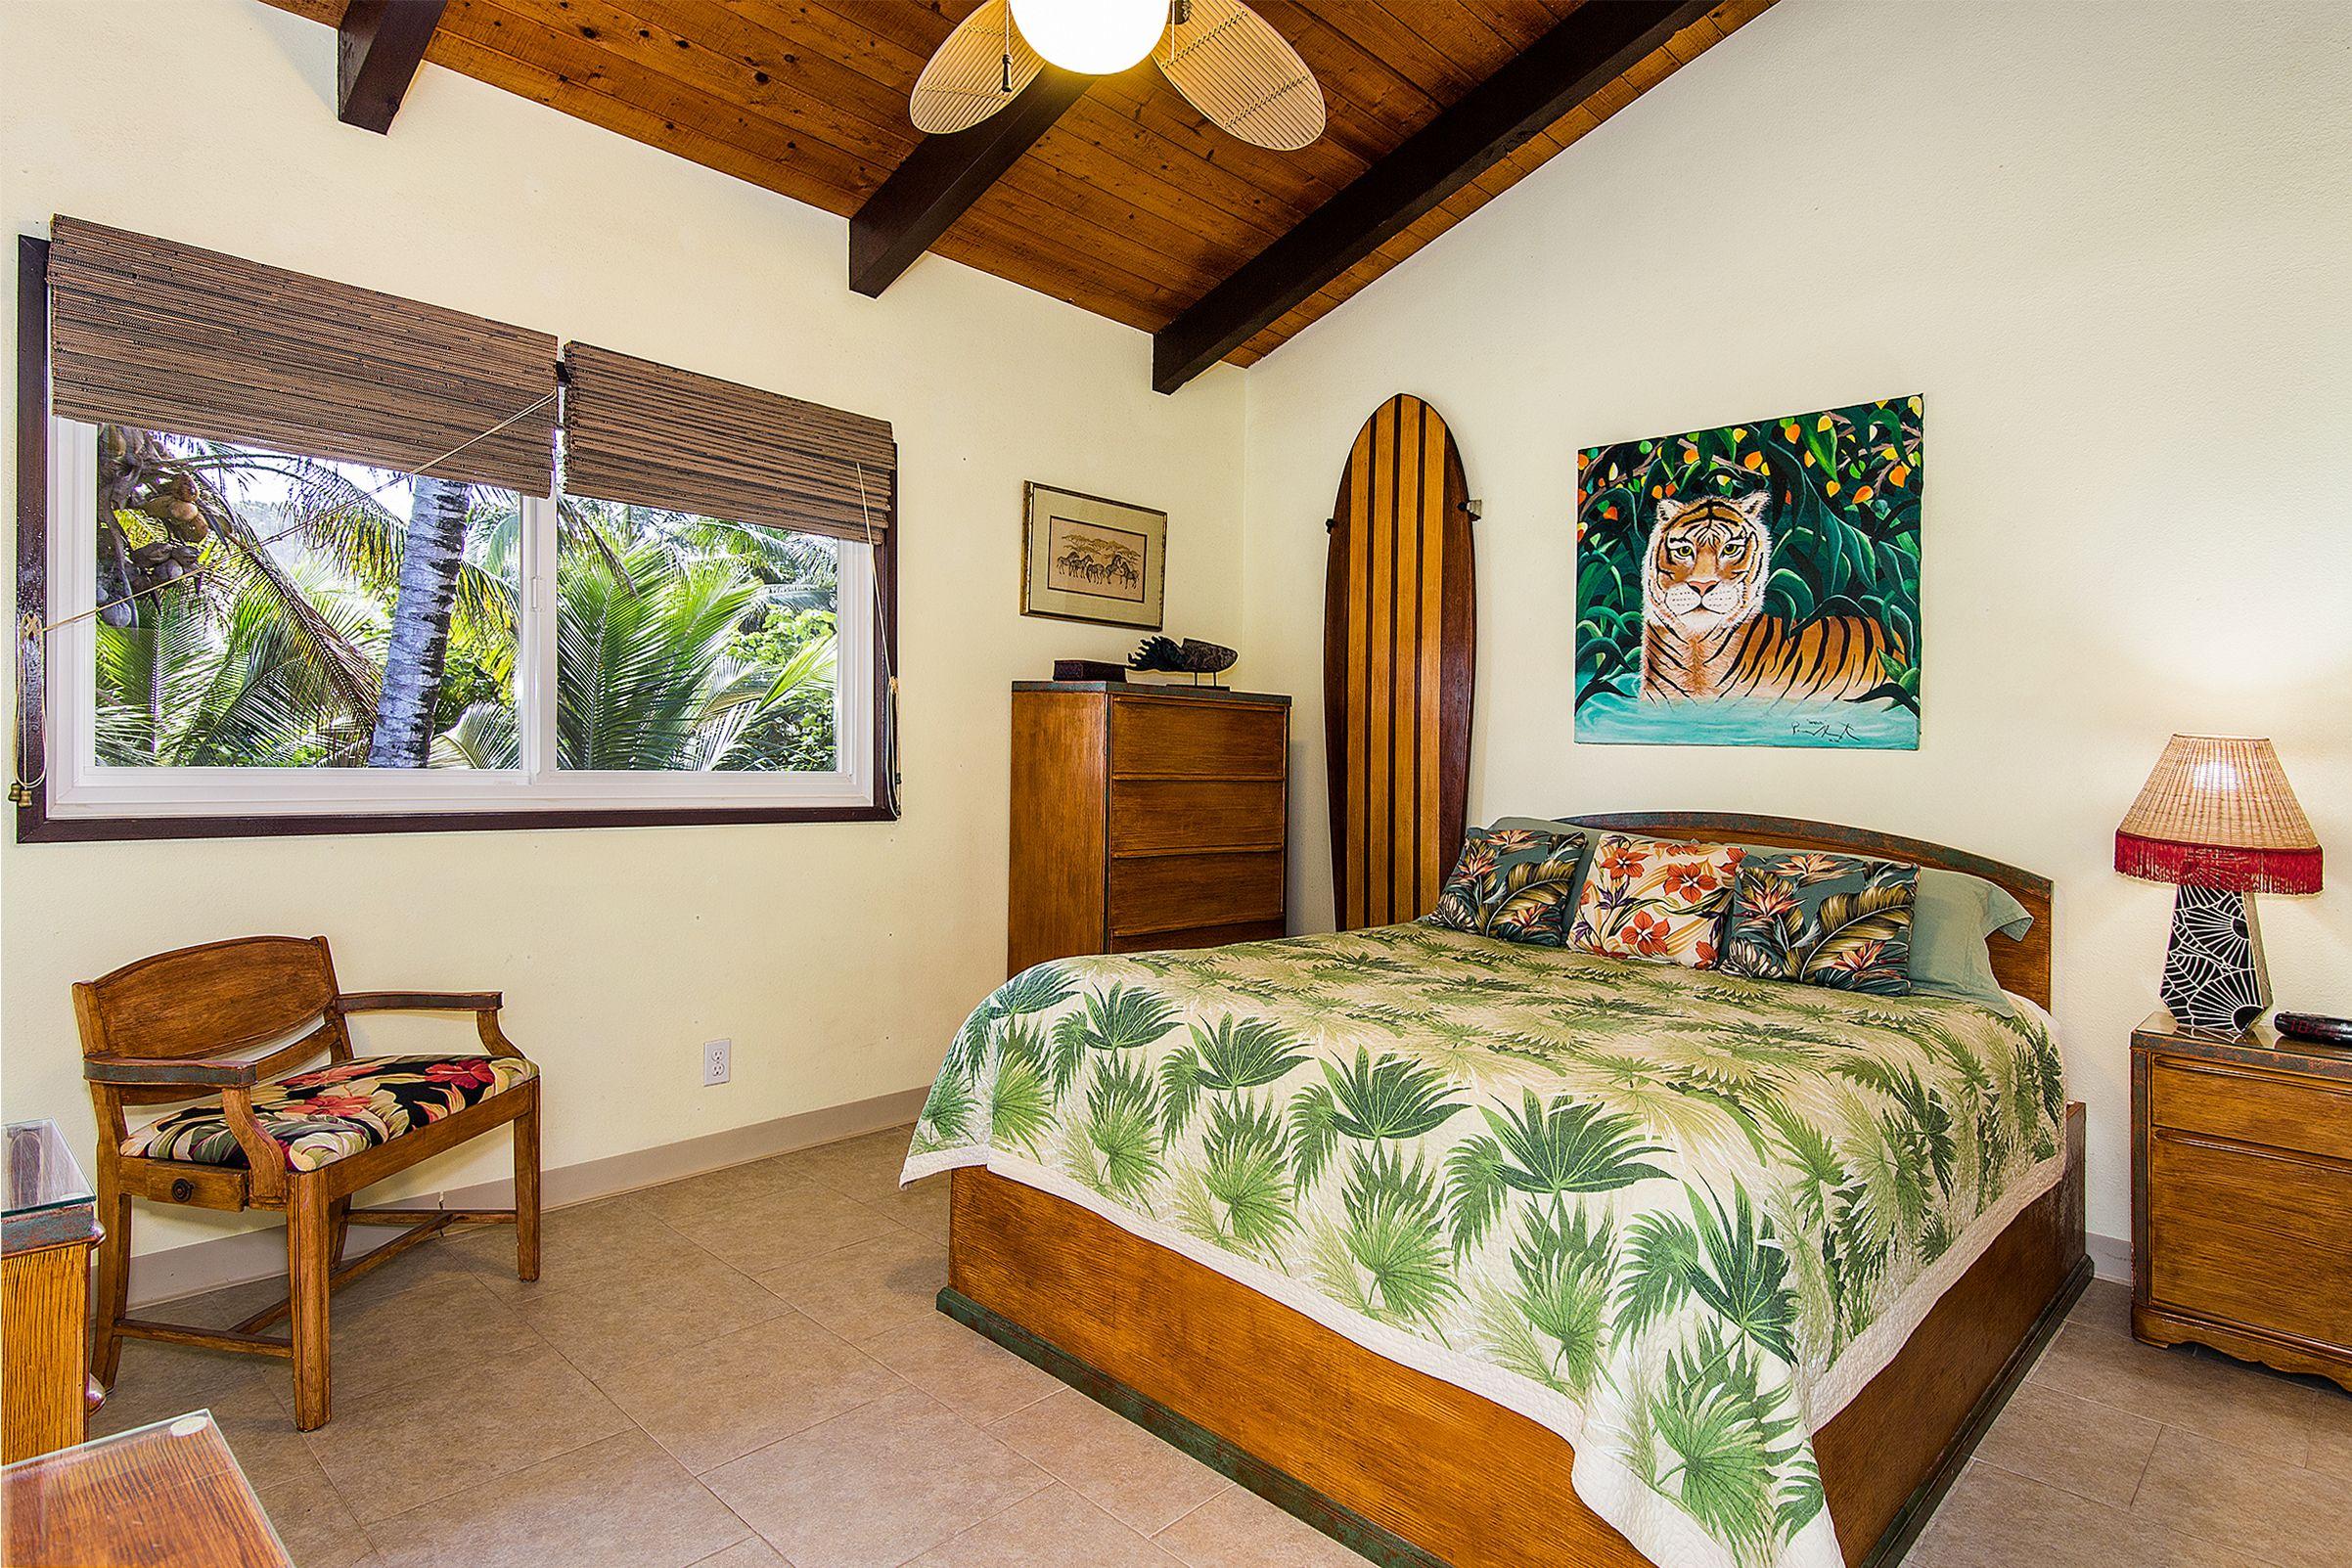 bedroom-3_1800x1200_1470648